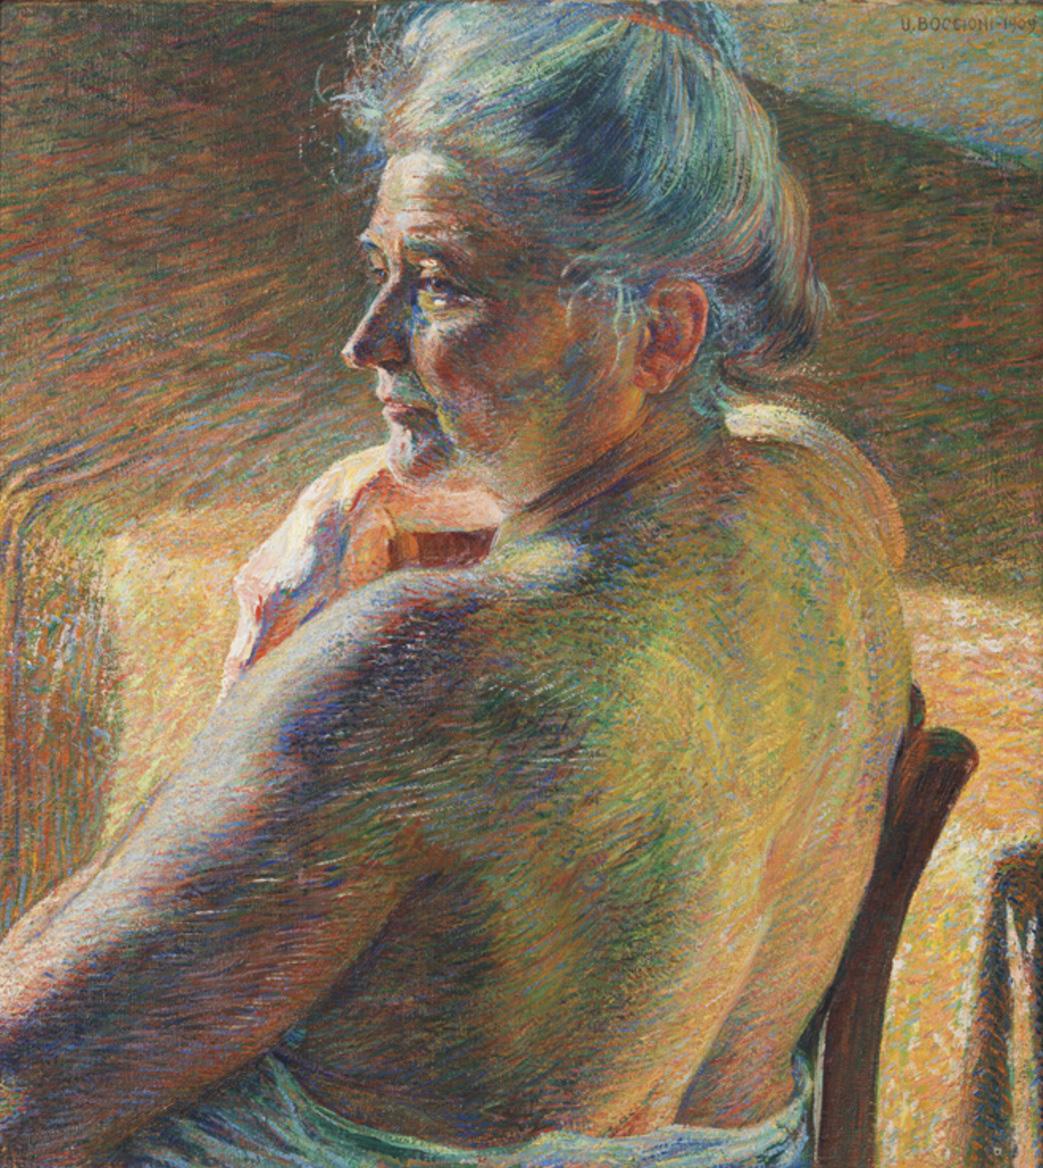 """Umberto Boccioni, """"Nudo di spalle (Controluce)"""", 1909, olio su tela, Mart, Collezione L.F"""